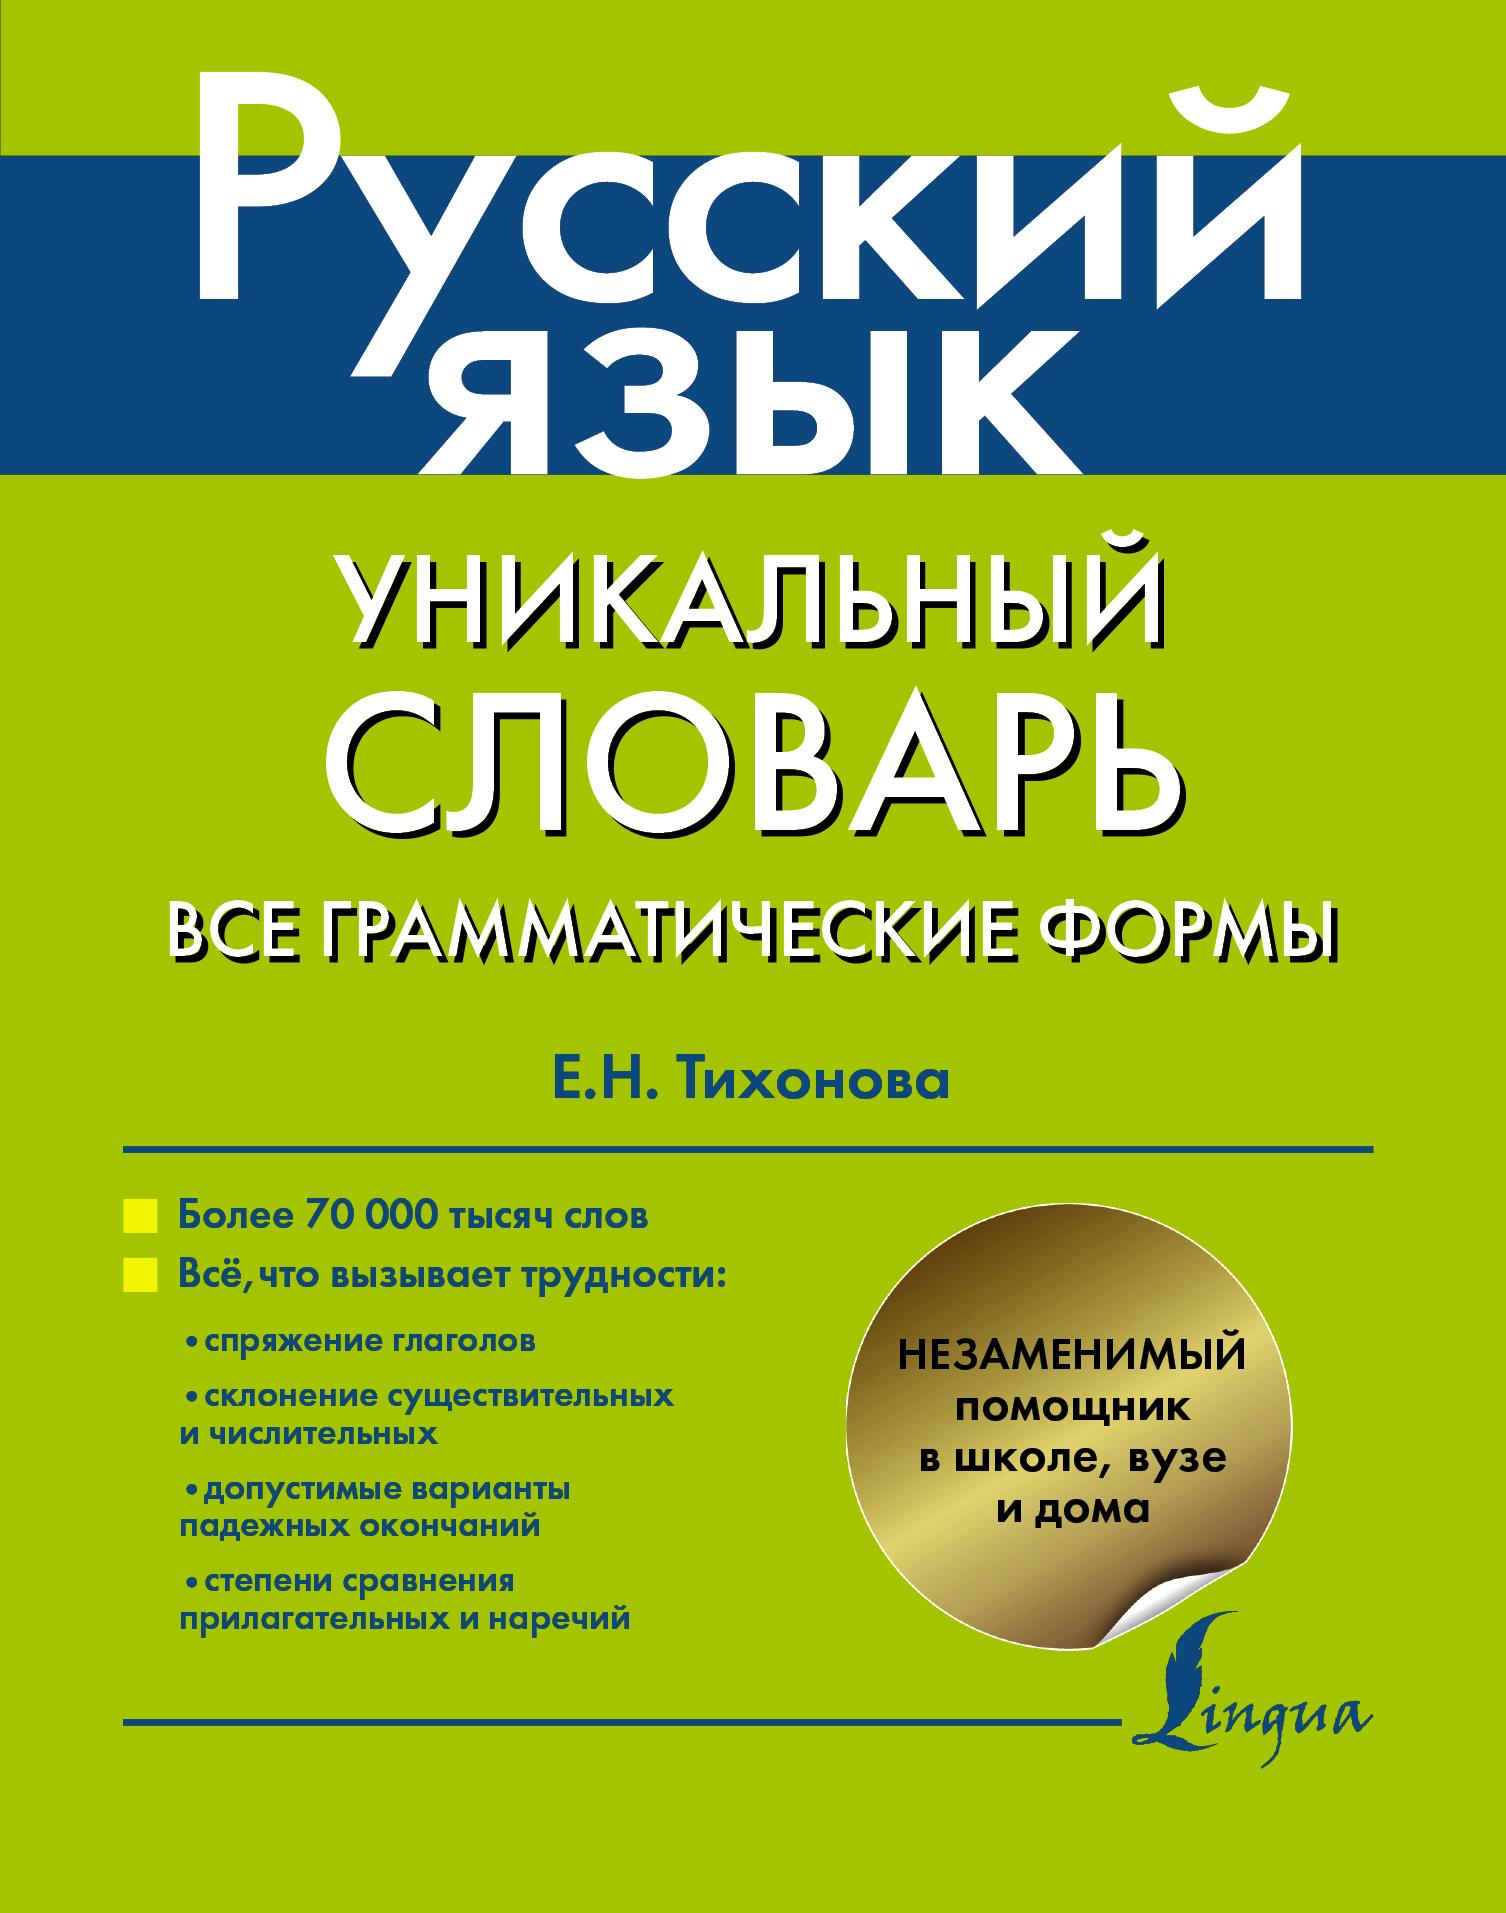 Русский язык. Уникальный словарь. Все грамматические формы